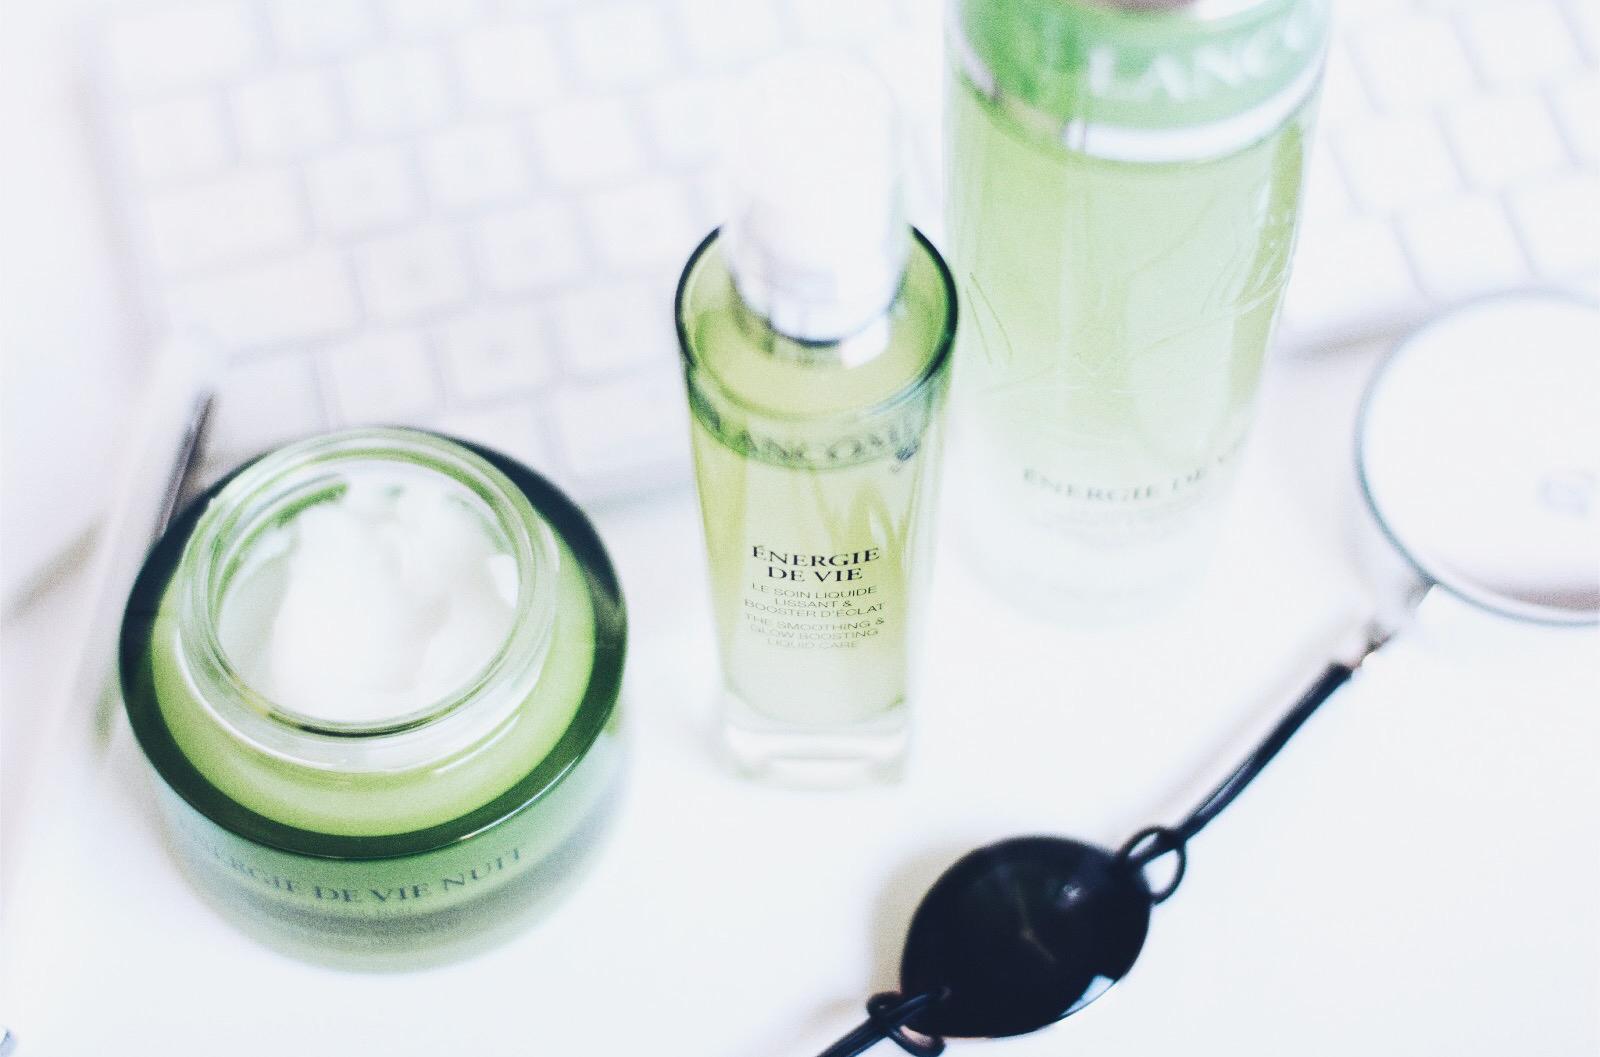 lancome energie de vie soins visage lotion perlee soin liquide masque de nuit avis test